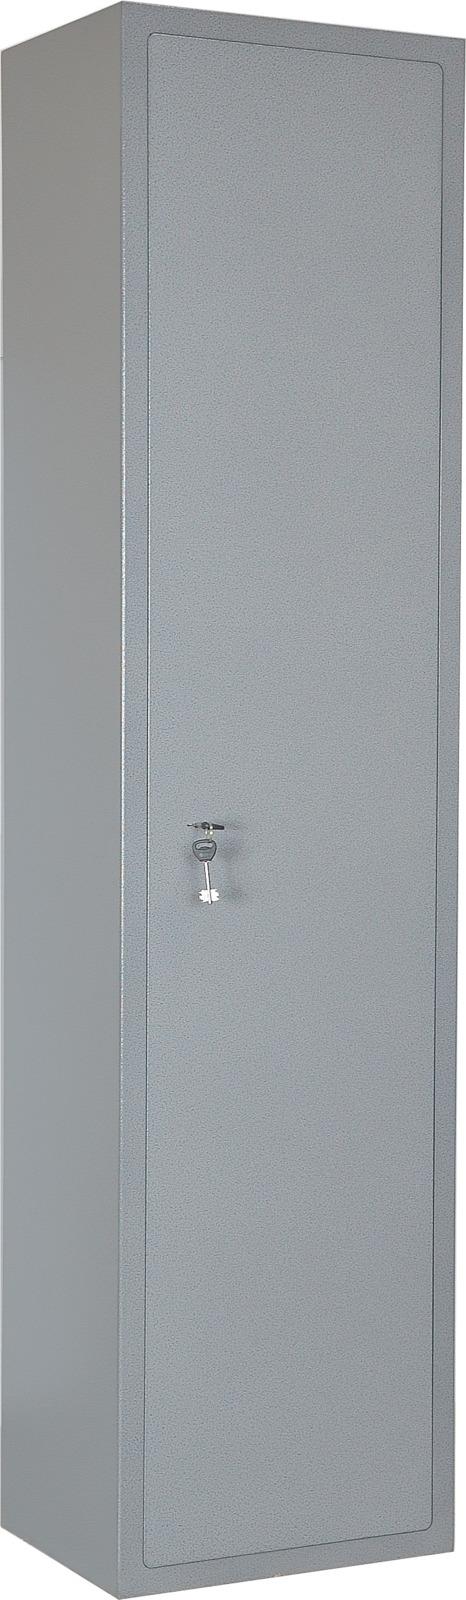 Шкаф офисный Меткон ШМ-180, серый, 180 х 44 х 36,5 см